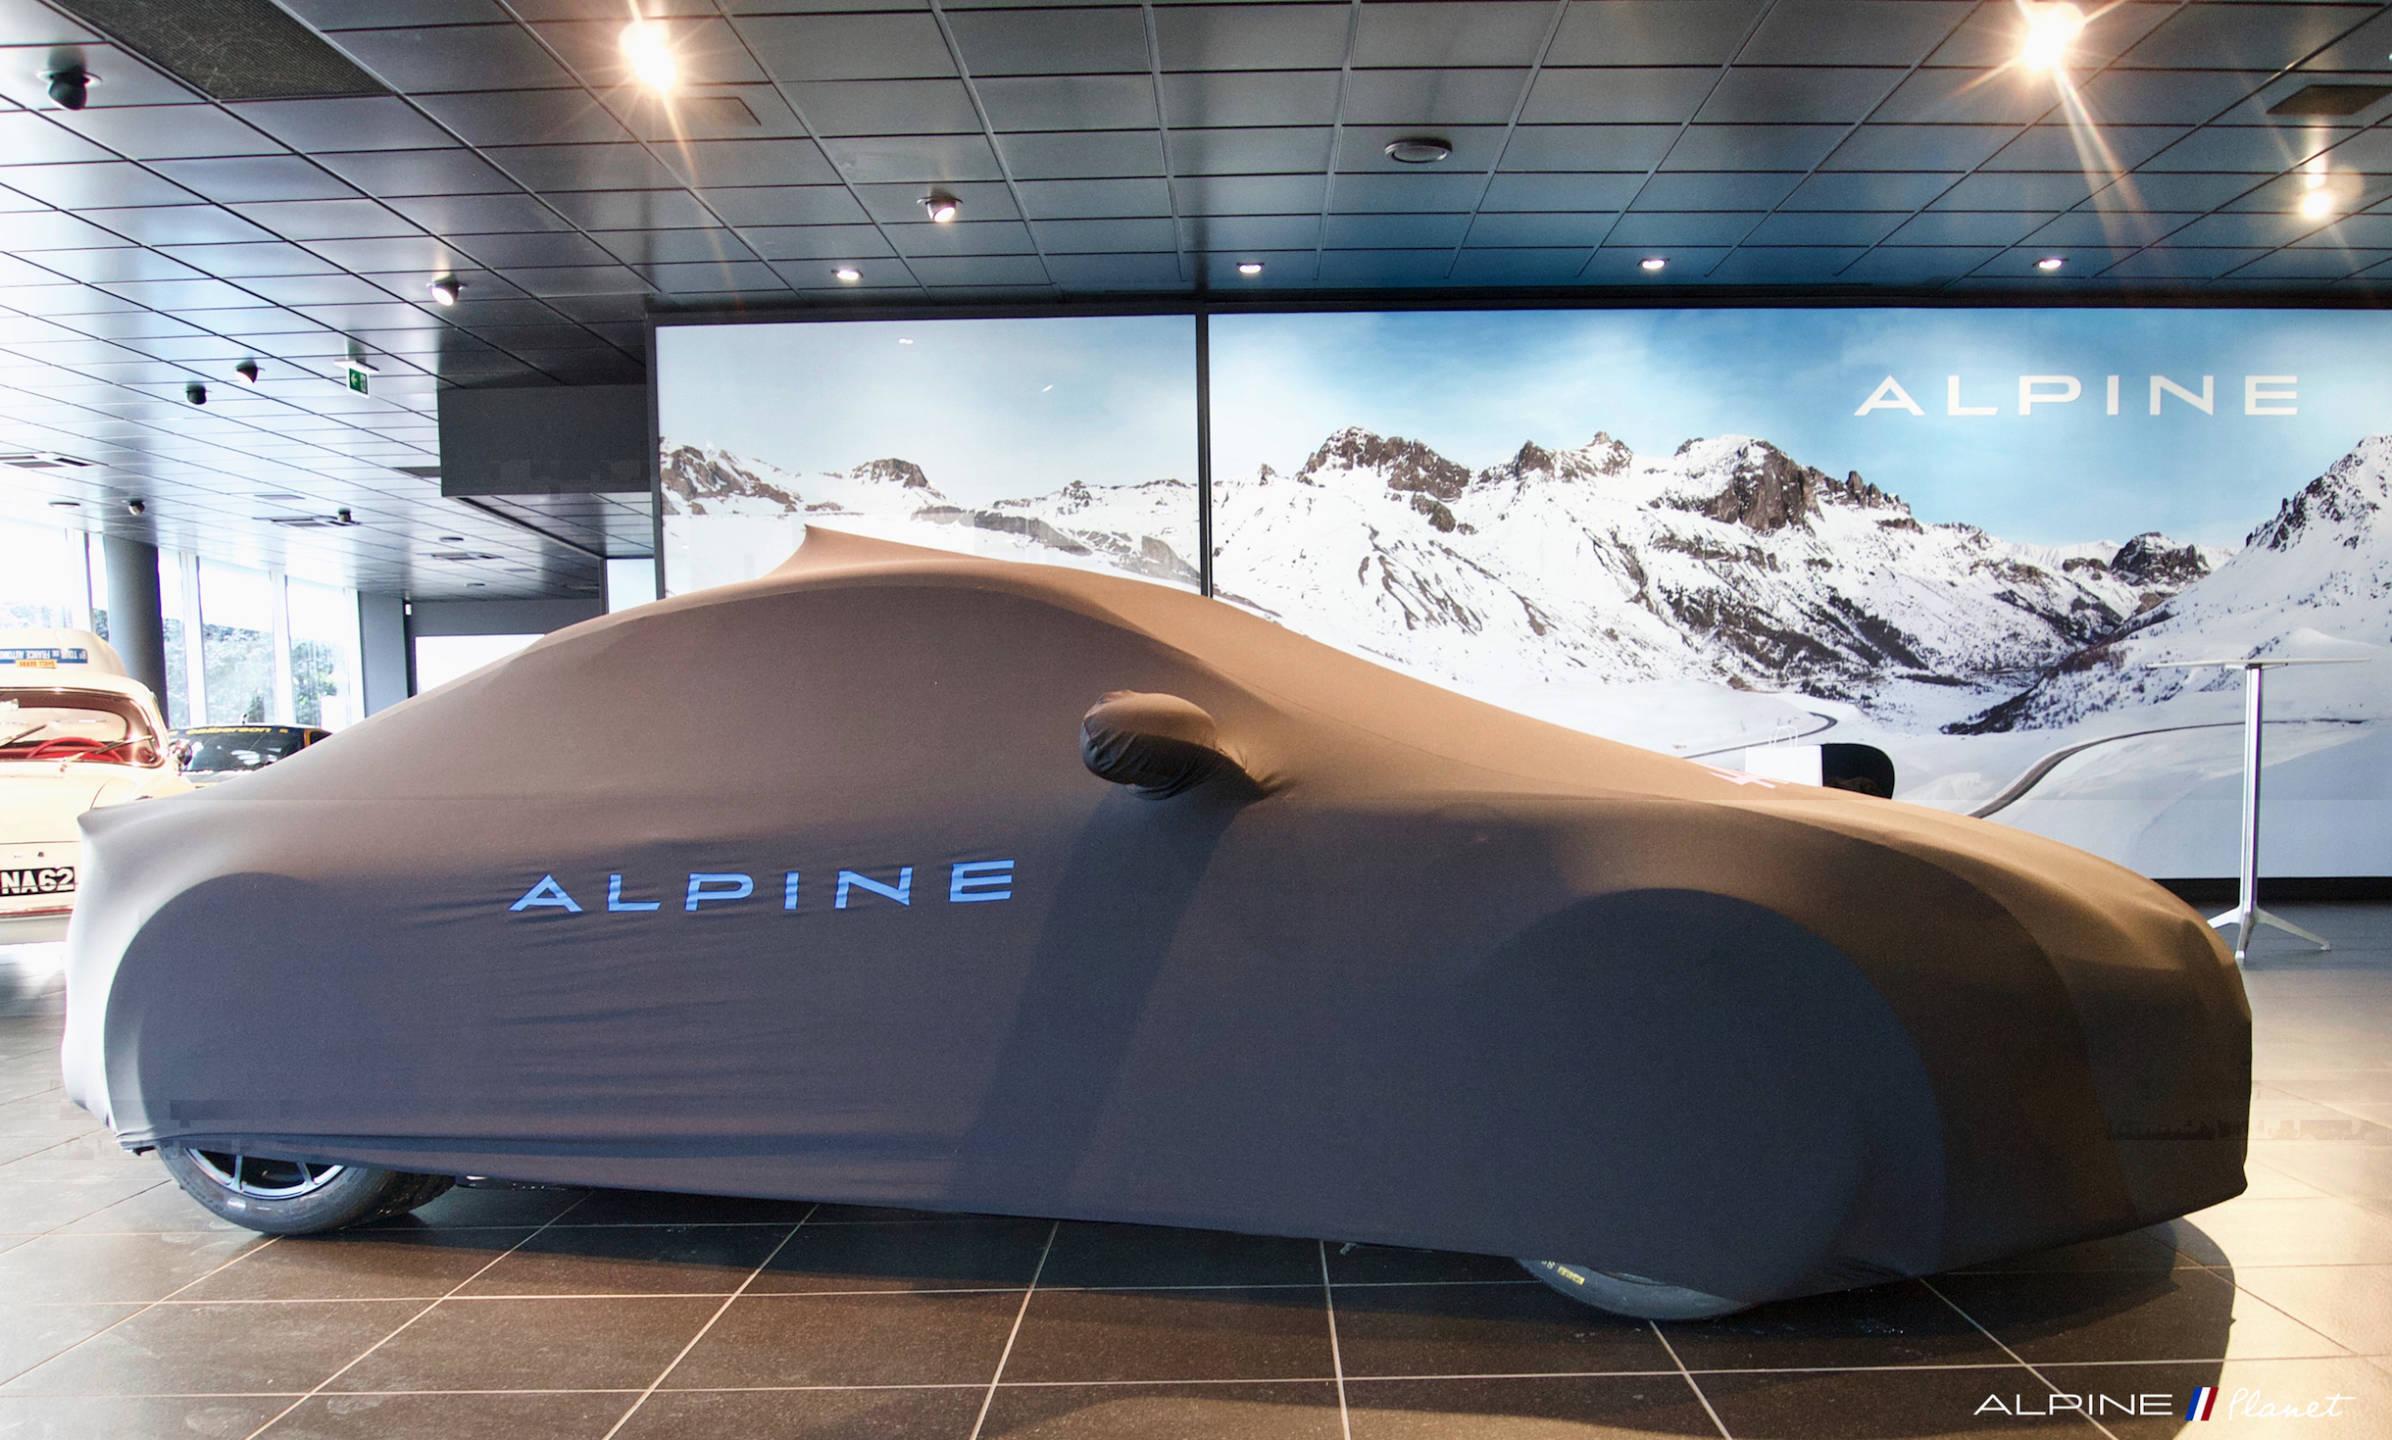 Alpine Planet A110 Cup Pierre Sancinena CMR Studio Boulogne RRG Fabien Cuvillier soirée 2 | Présentation de l'Alpine A110 Cup de Pierre Sancinena